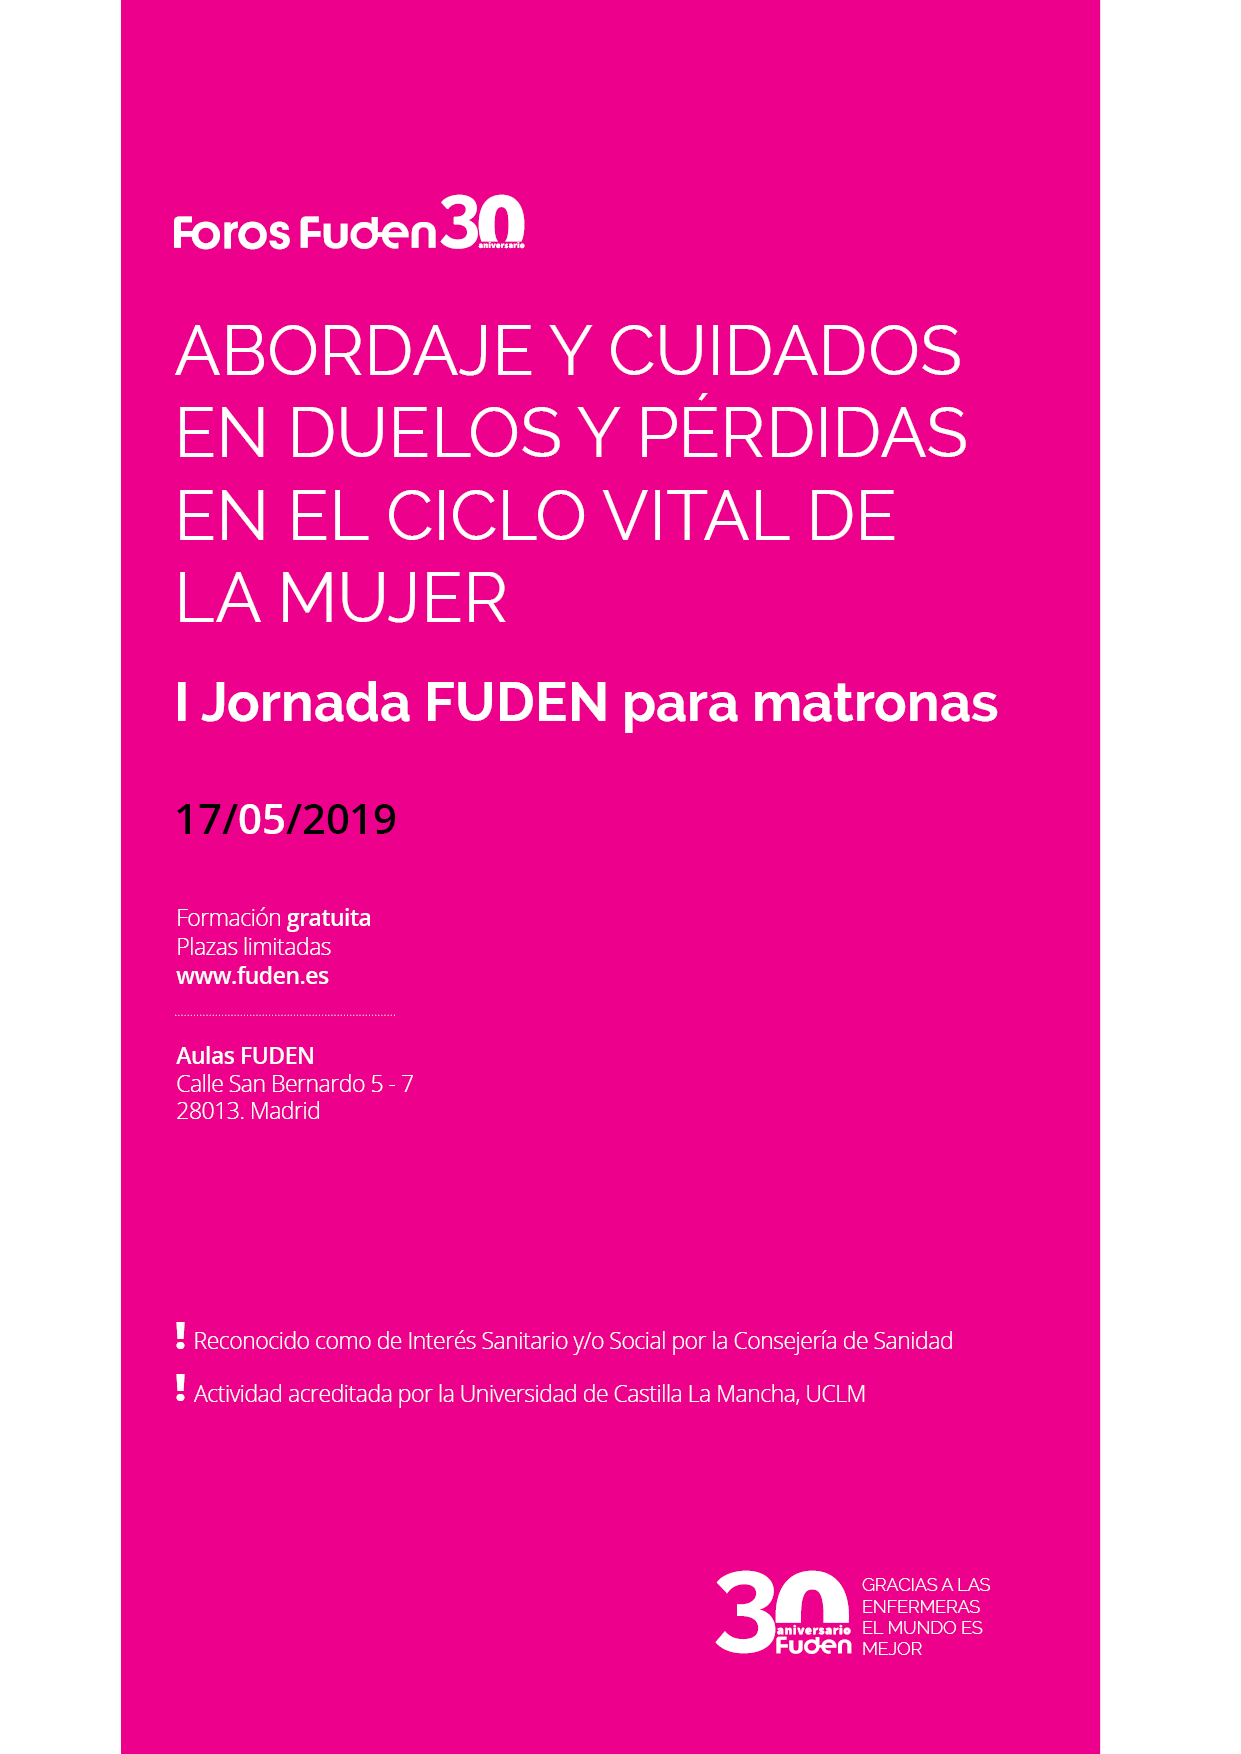 I Jornada FUDEN para matronas. Abordaje y cuidados en duelo y pérdidas en el ciclo vital de la mujer.